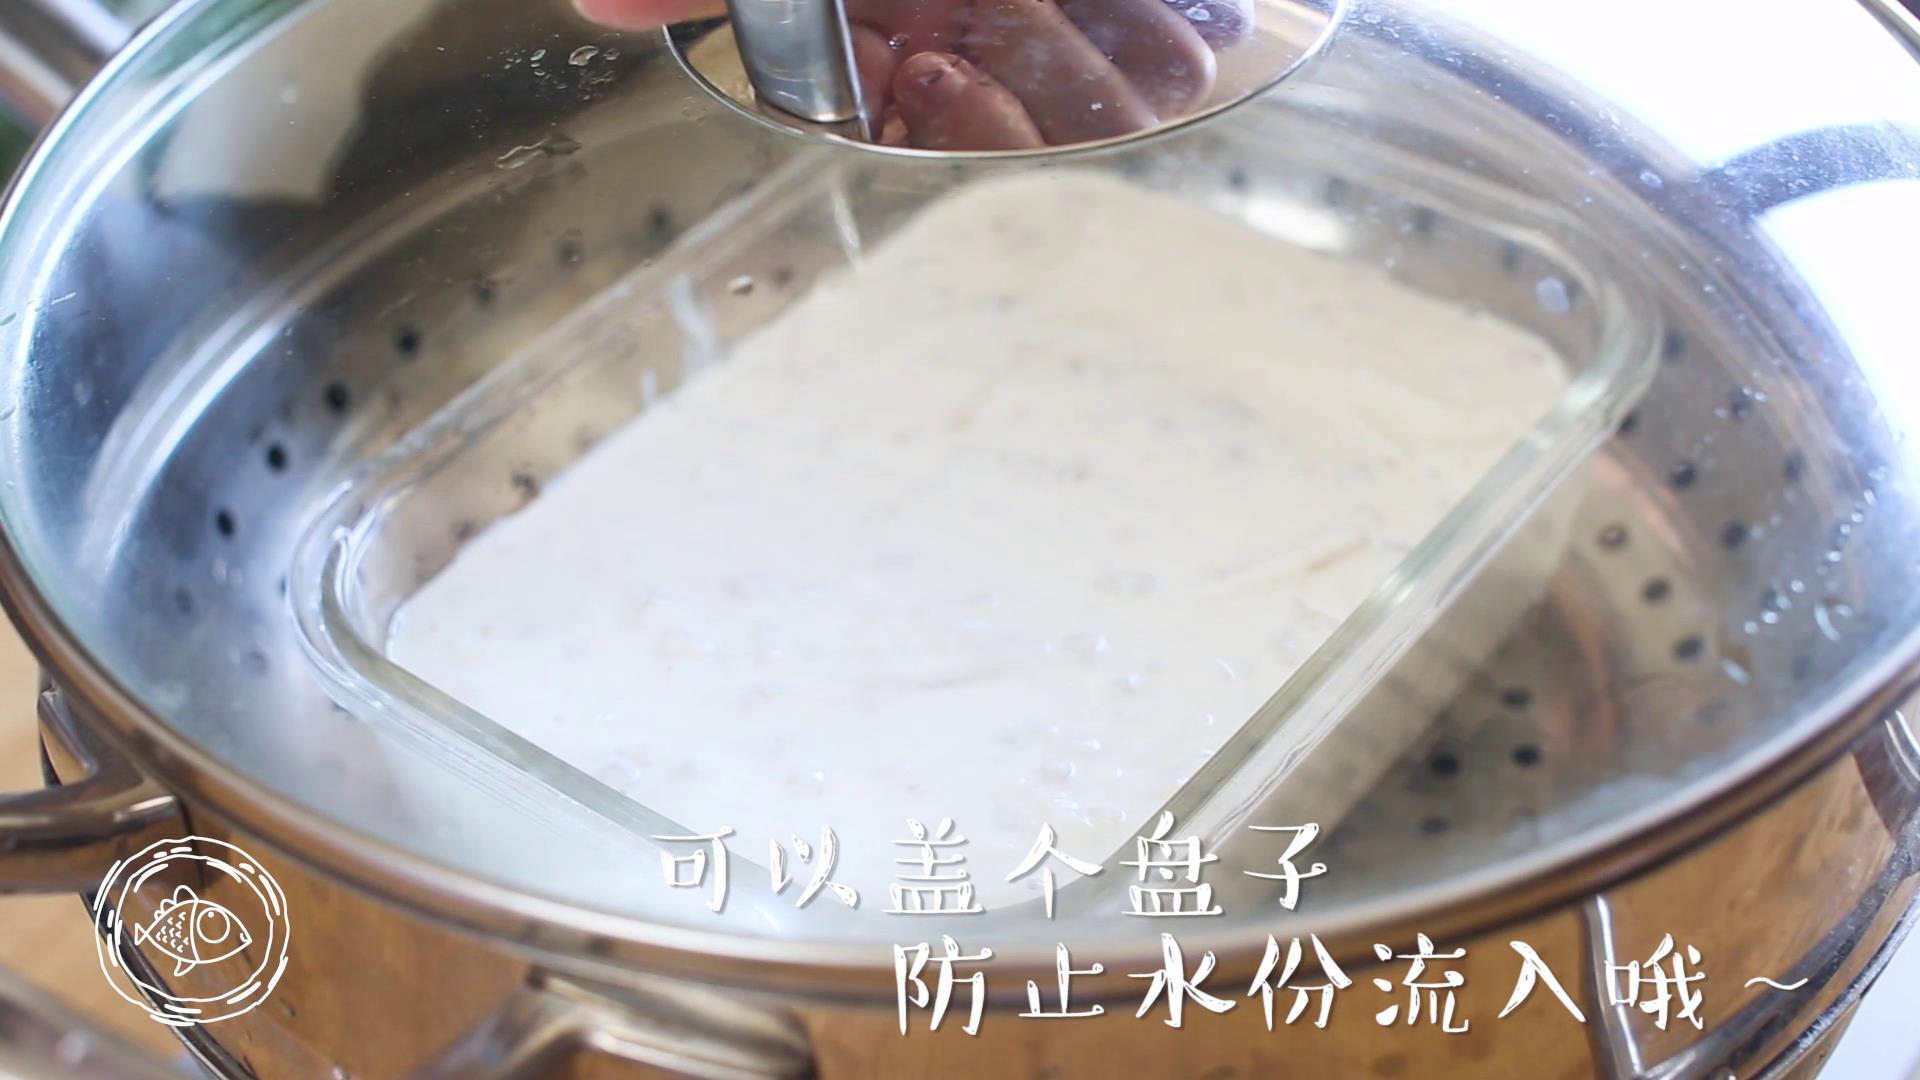 萝卜糕12m+,将容器放入蒸锅中,大火蒸45分钟左右</p> <p>Tips:最好在容器上加个盖子或盘子,防止水份流入容器内~